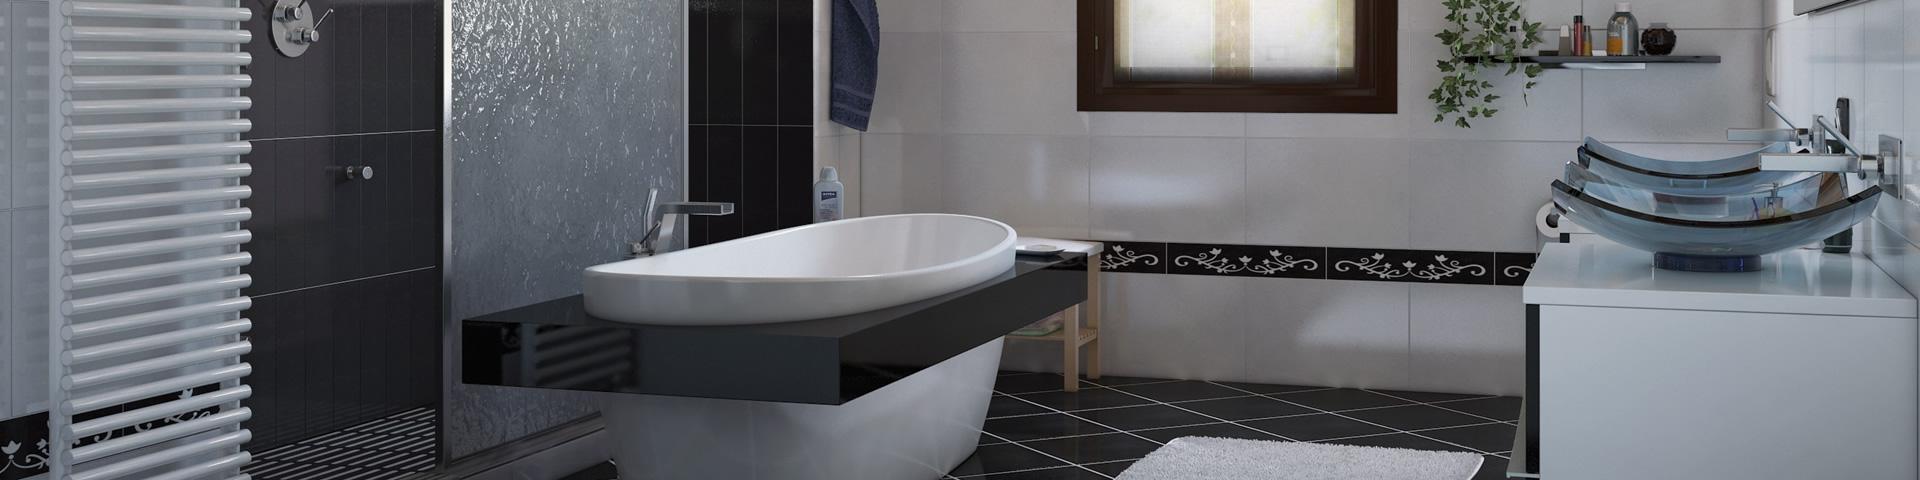 Fotografia bagno moderno e ristrutturato